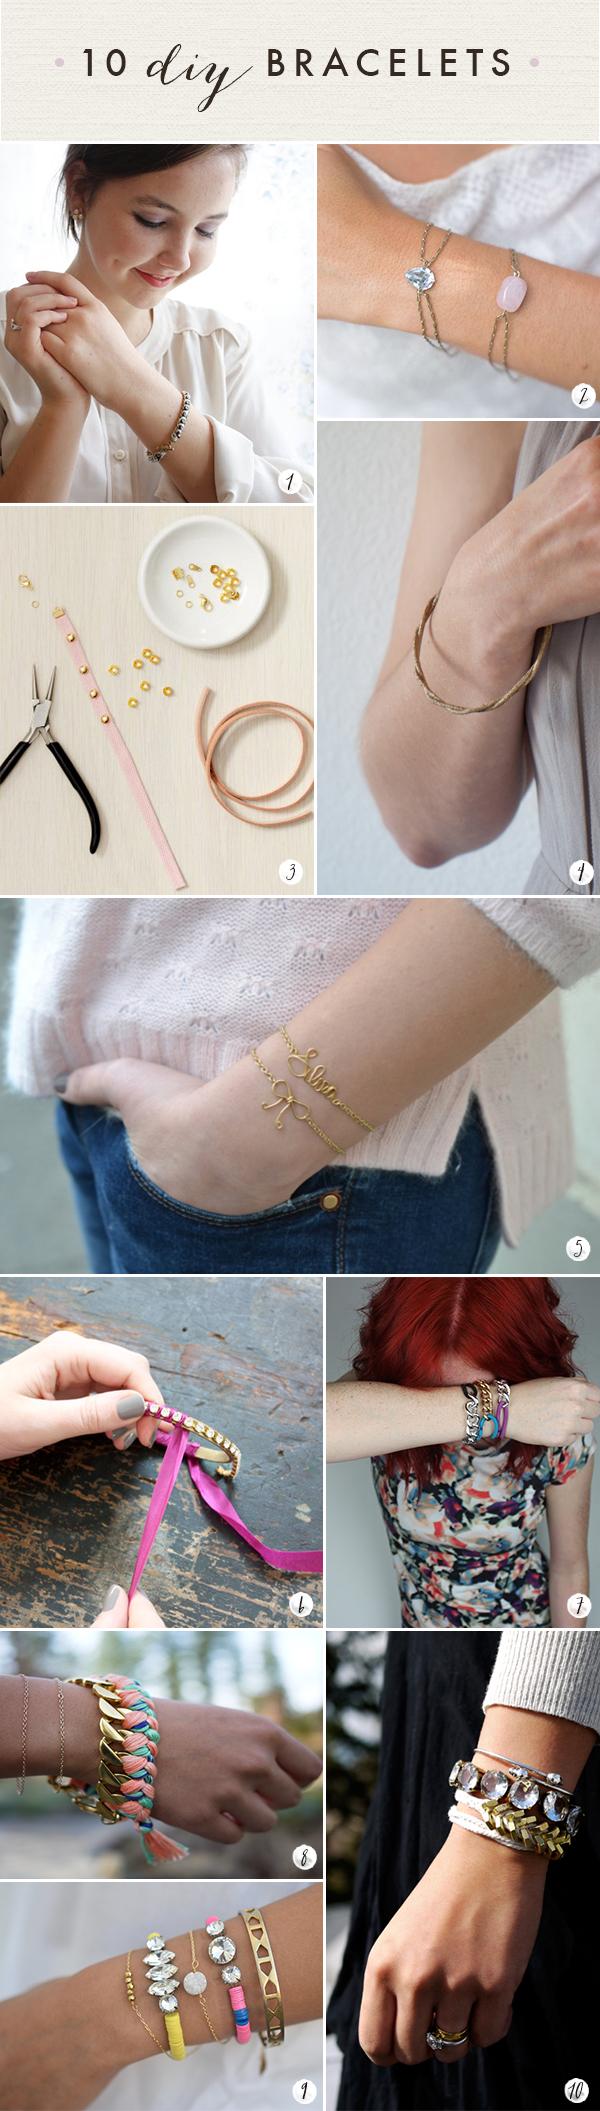 10-diy-bracelets